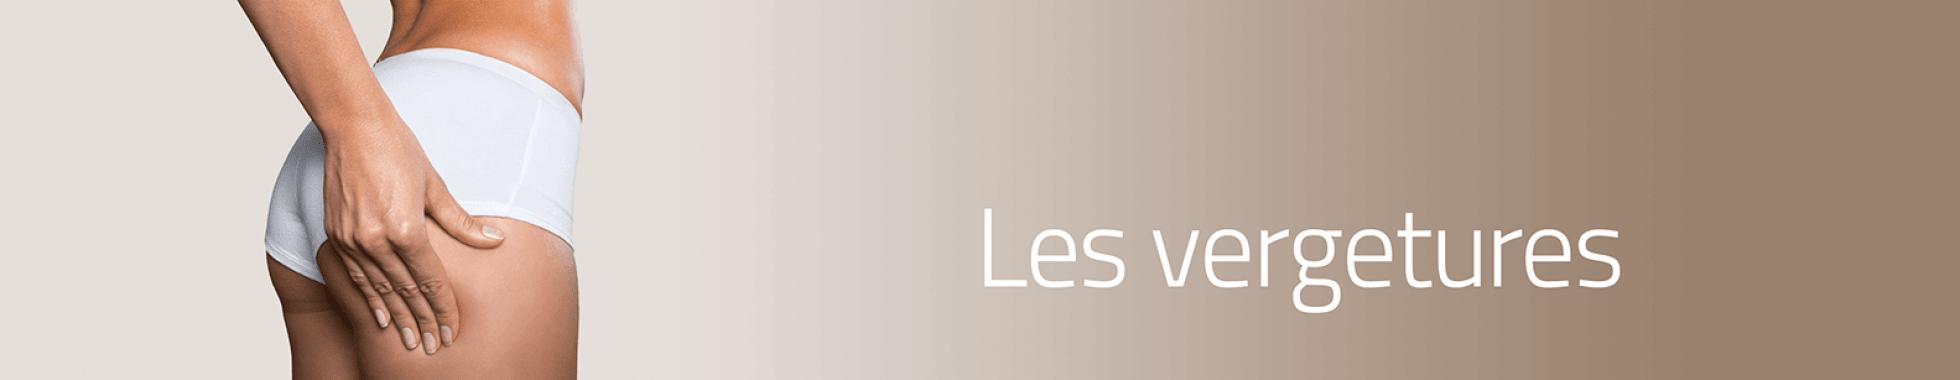 Traitement des vergetures à Aix-en-Provence